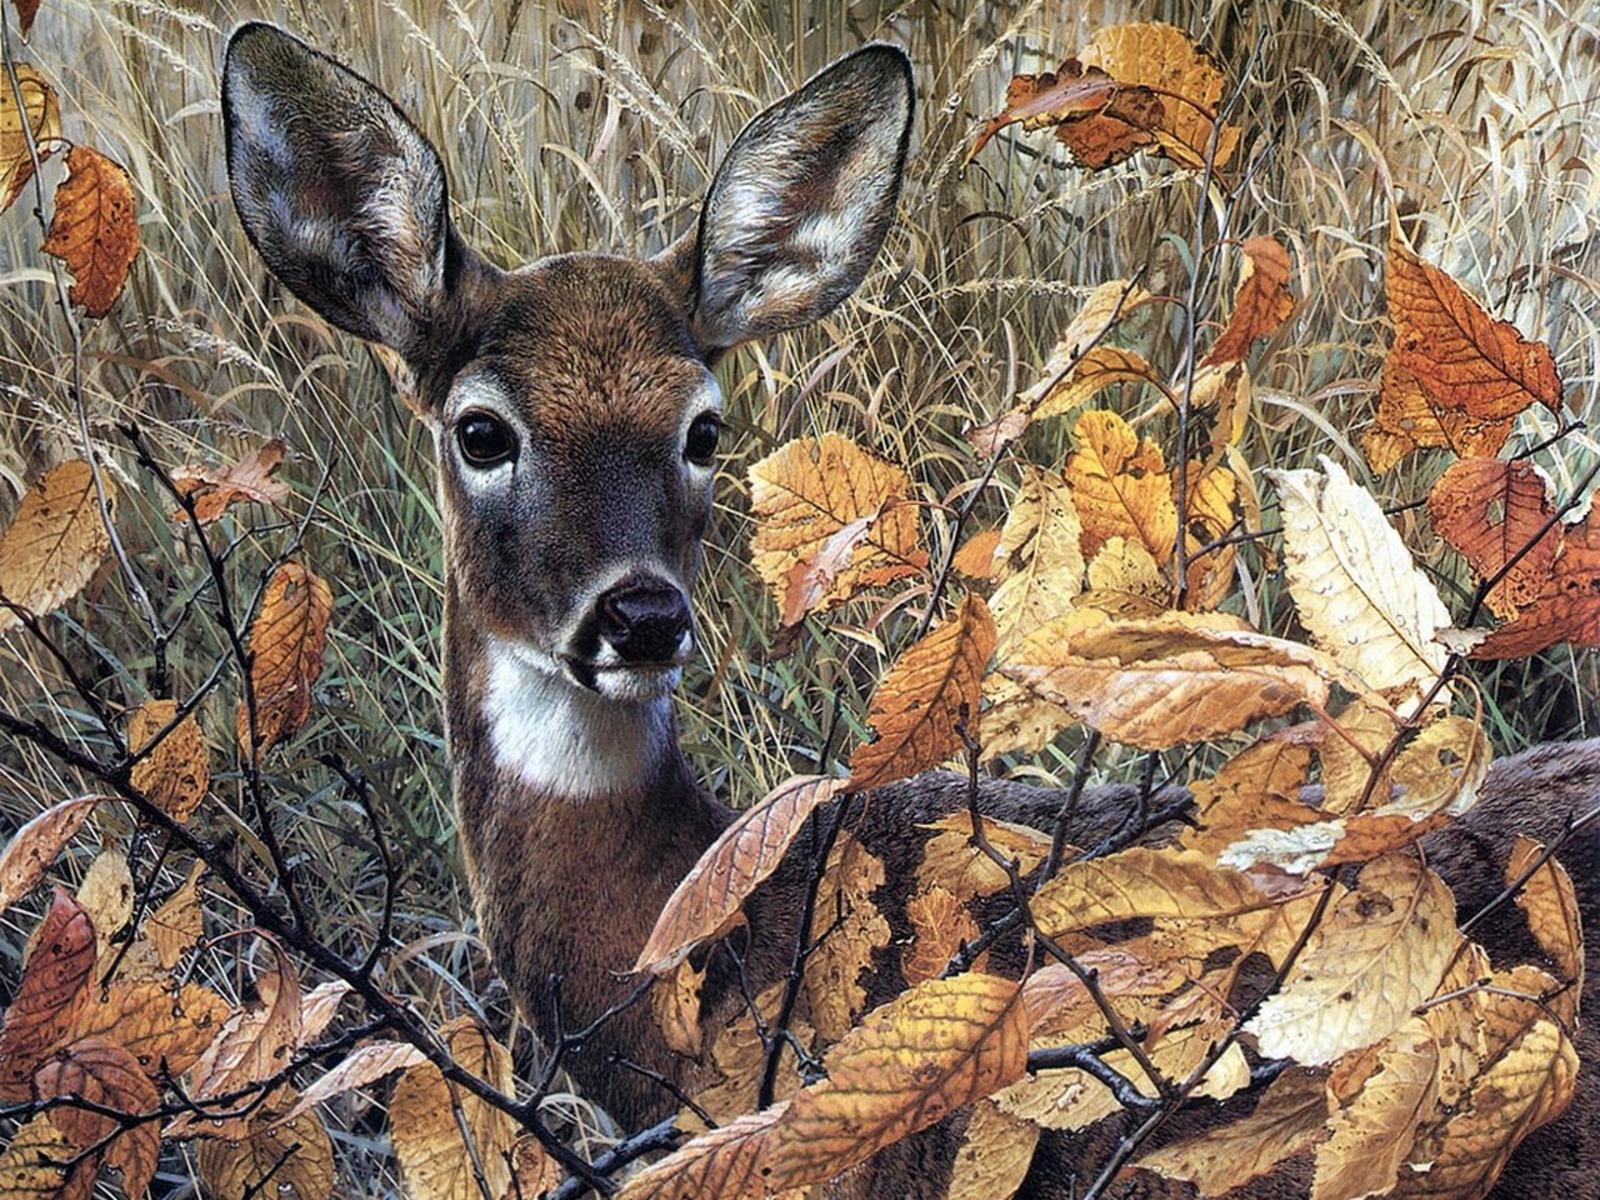 Wallpapers deer wallpapersdeer wallpaperwhitetail deer wallpaper 1600x1200